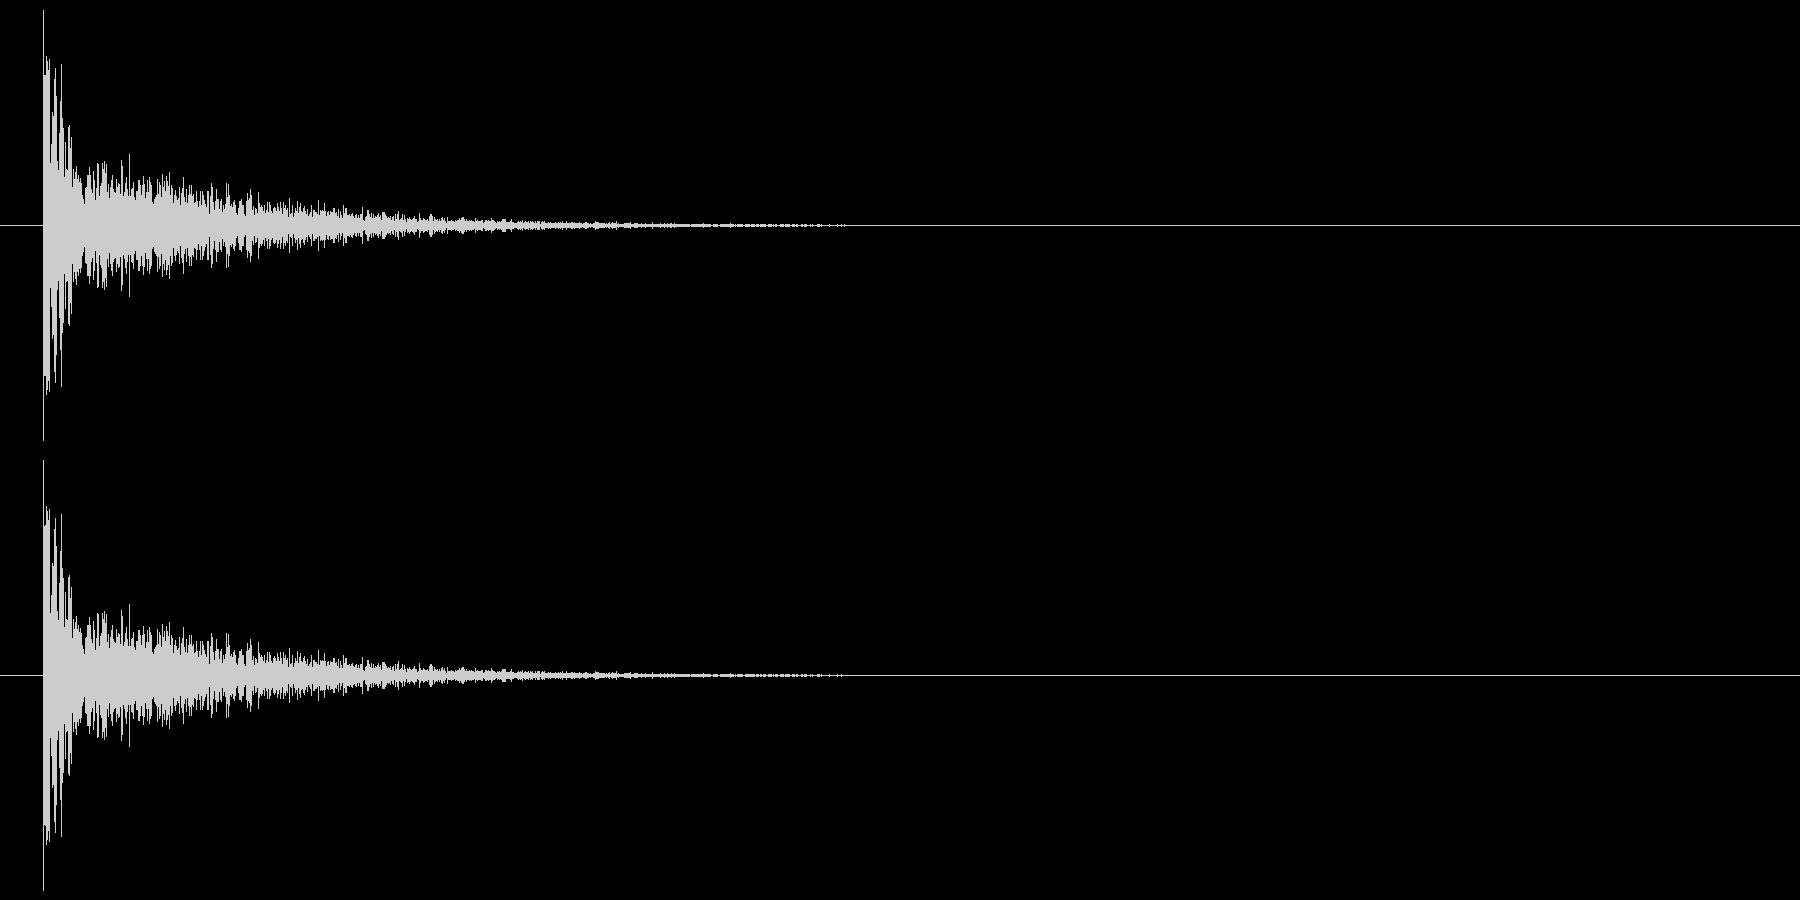 ダメージ音 16の未再生の波形